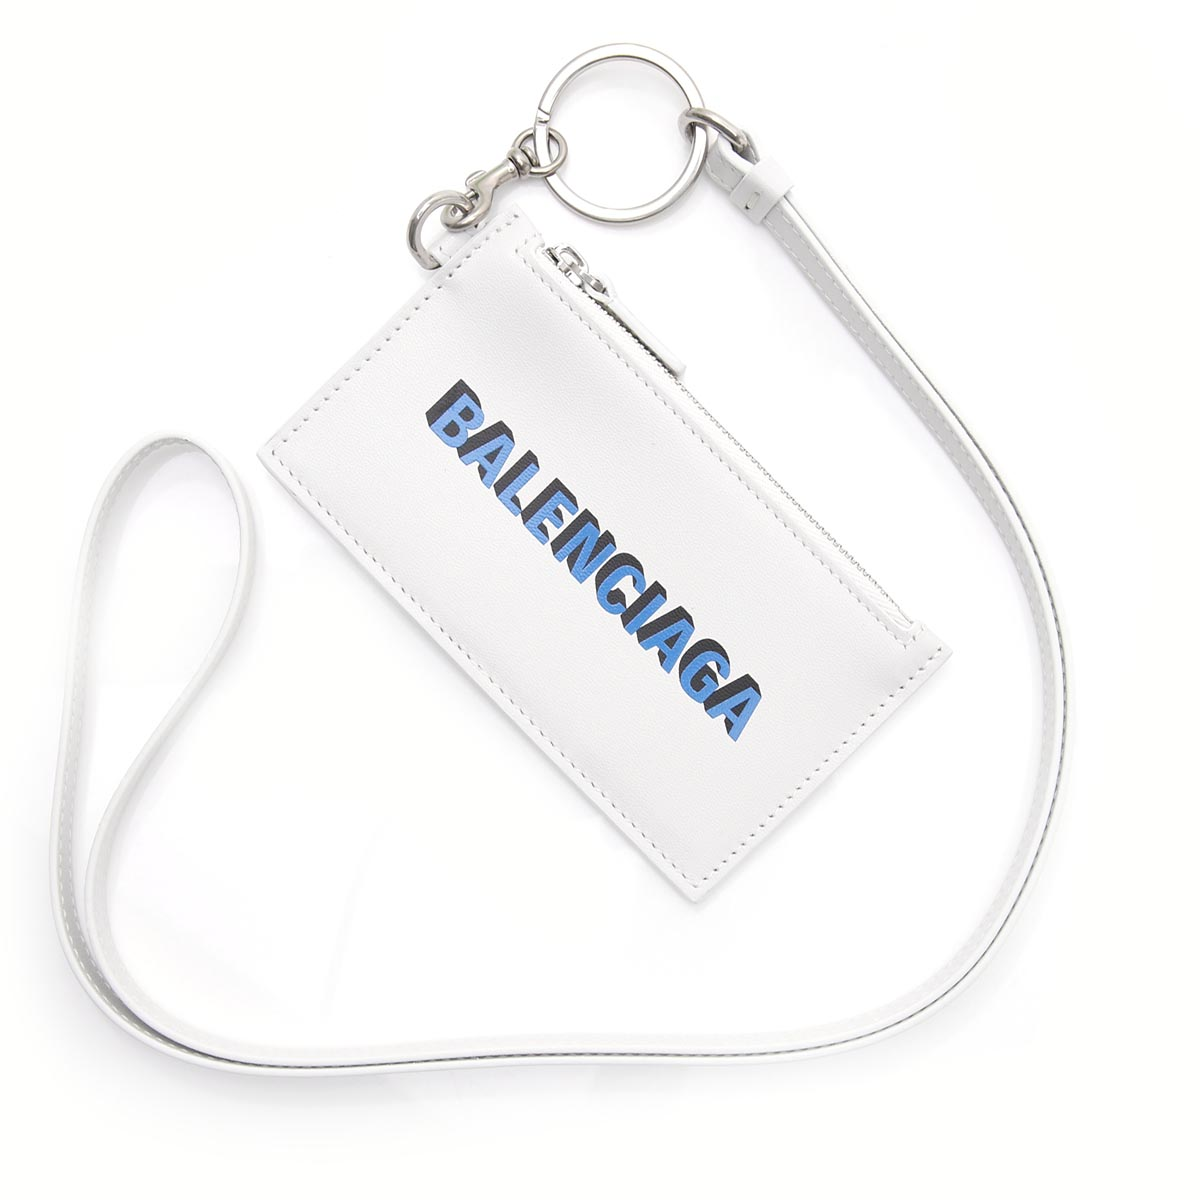 バレンシアガ BALENCIAGA カードケース ホワイト メンズ 594548 1i373 9064【あす楽対応_関東】【返品送料無料】【ラッピング無料】